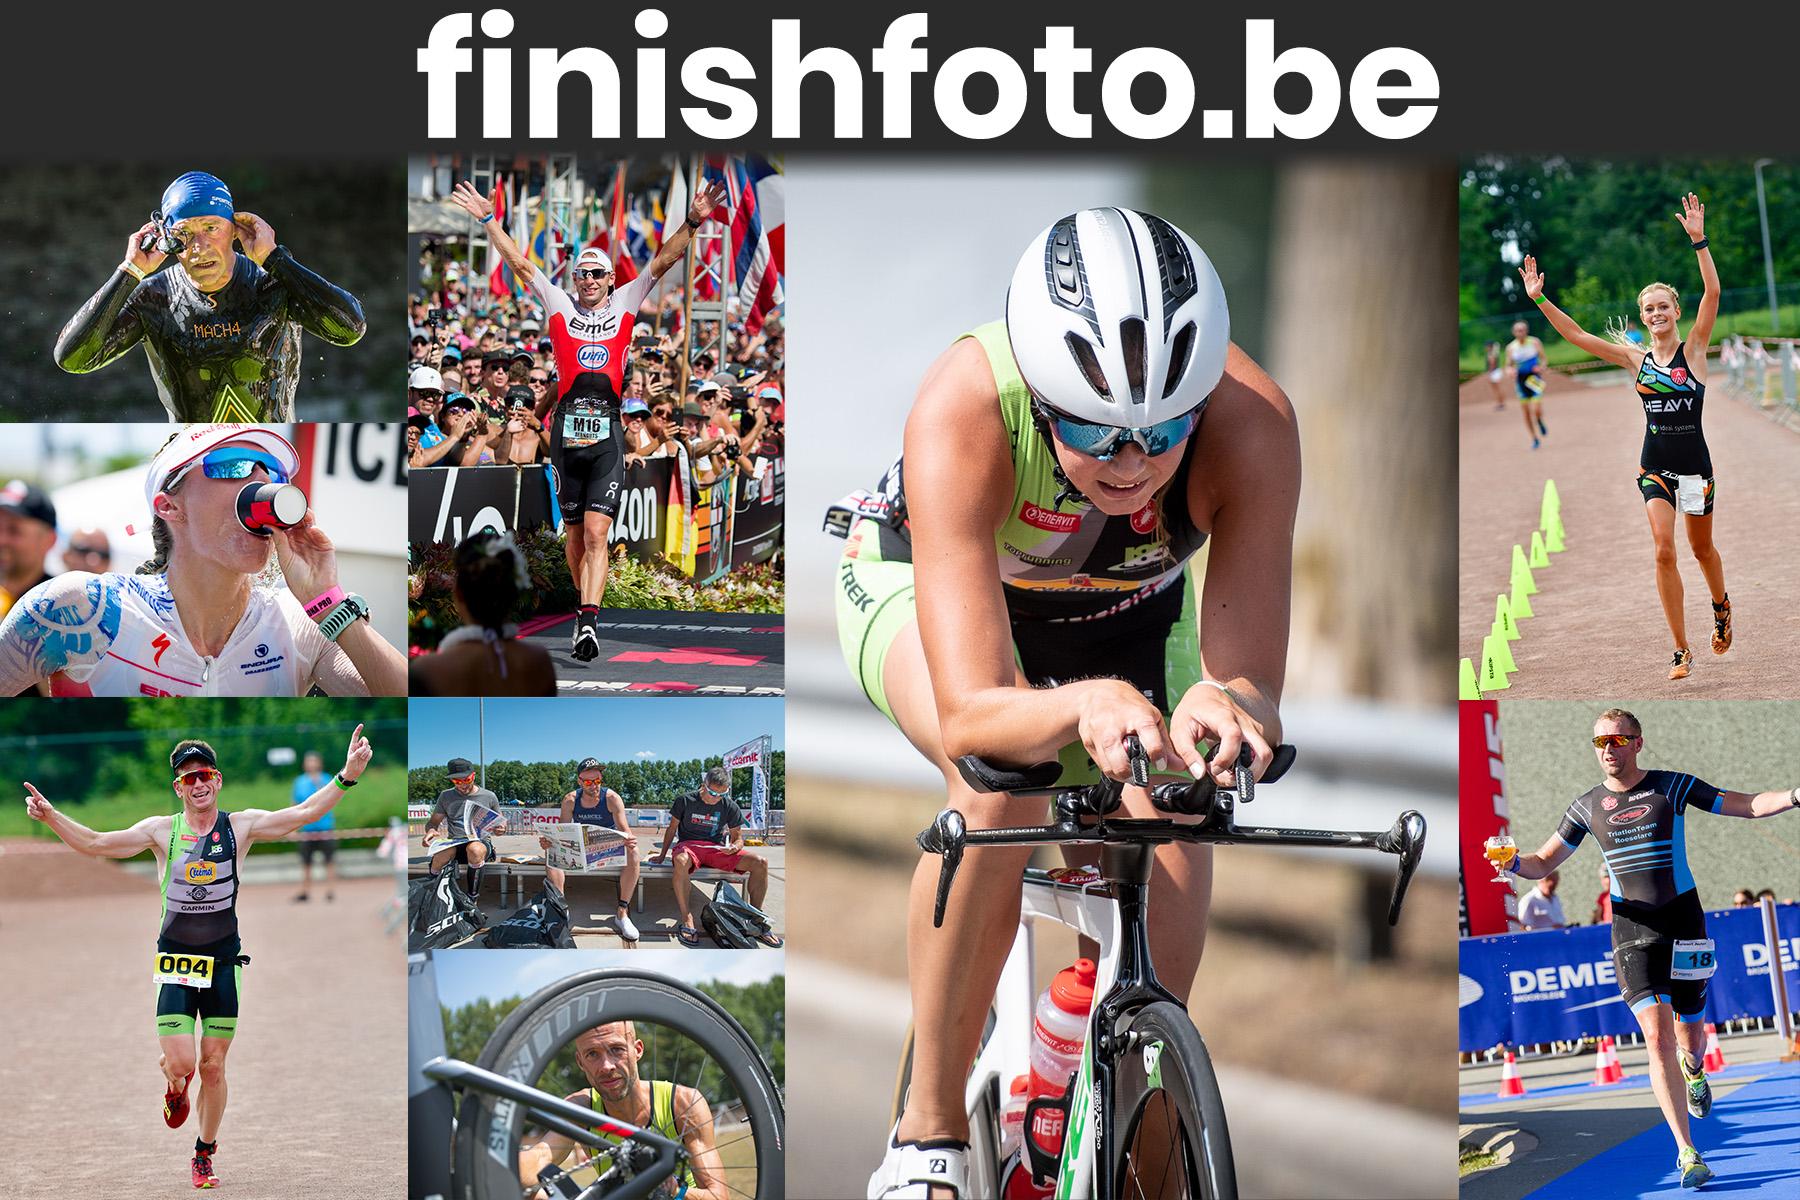 Finishfoto.be is meer dan alleen finishfoto's